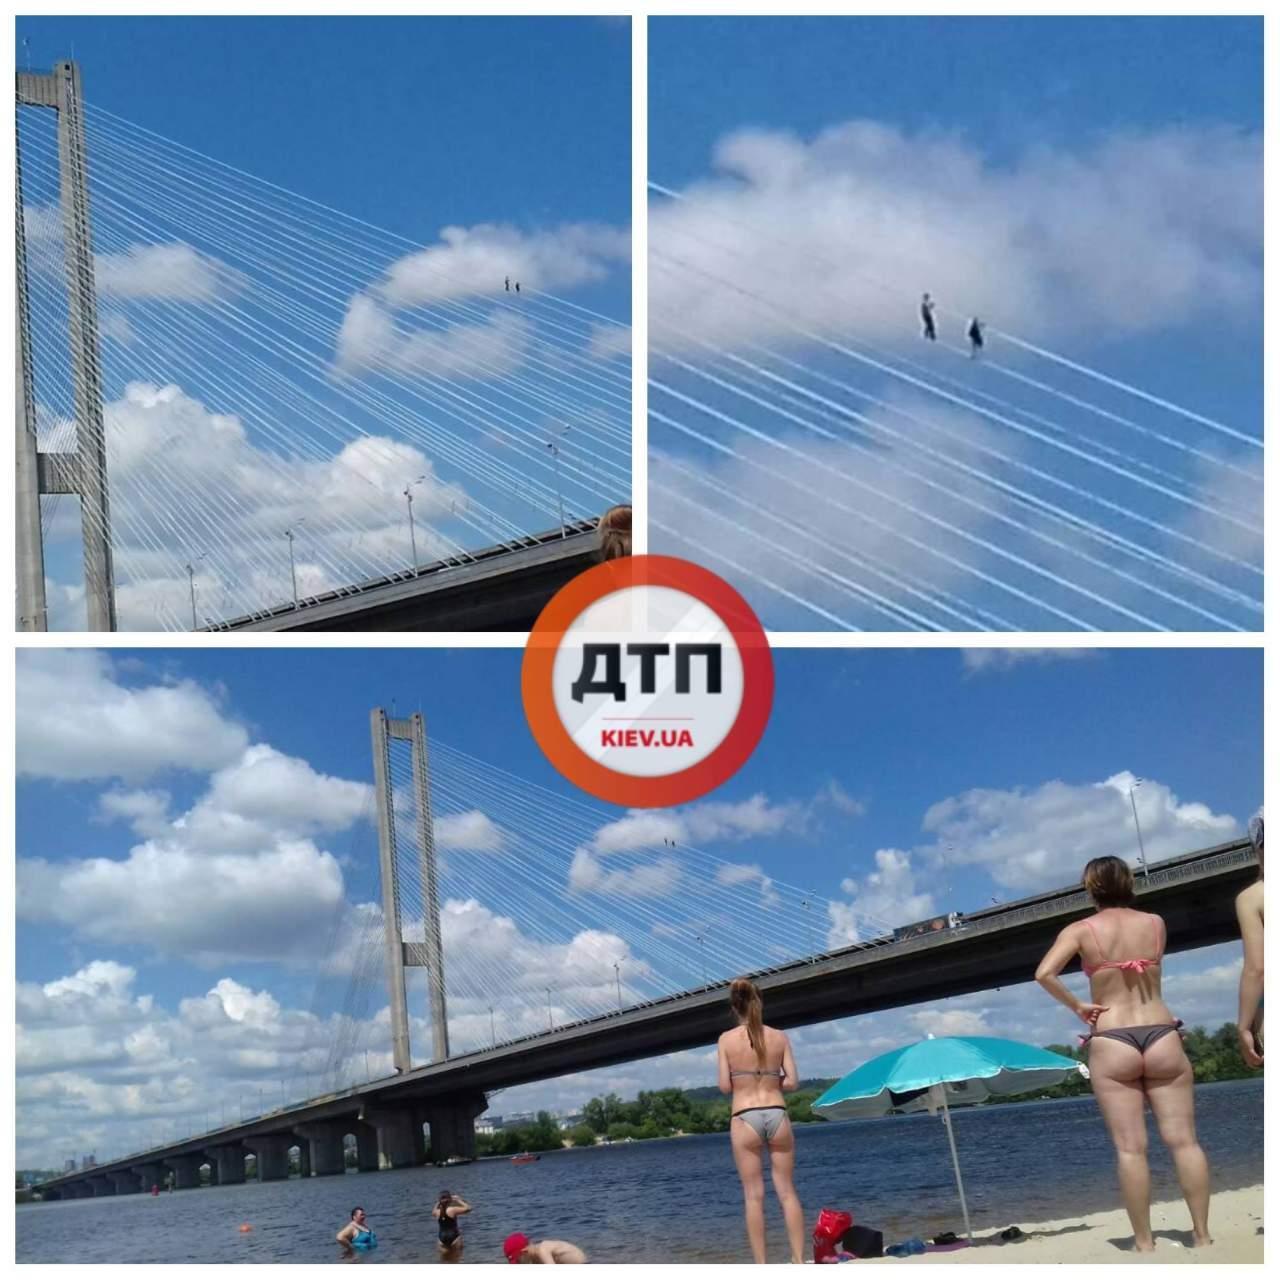 В Киеве двое подростков выбрались на верхушку моста по тросам (фото)